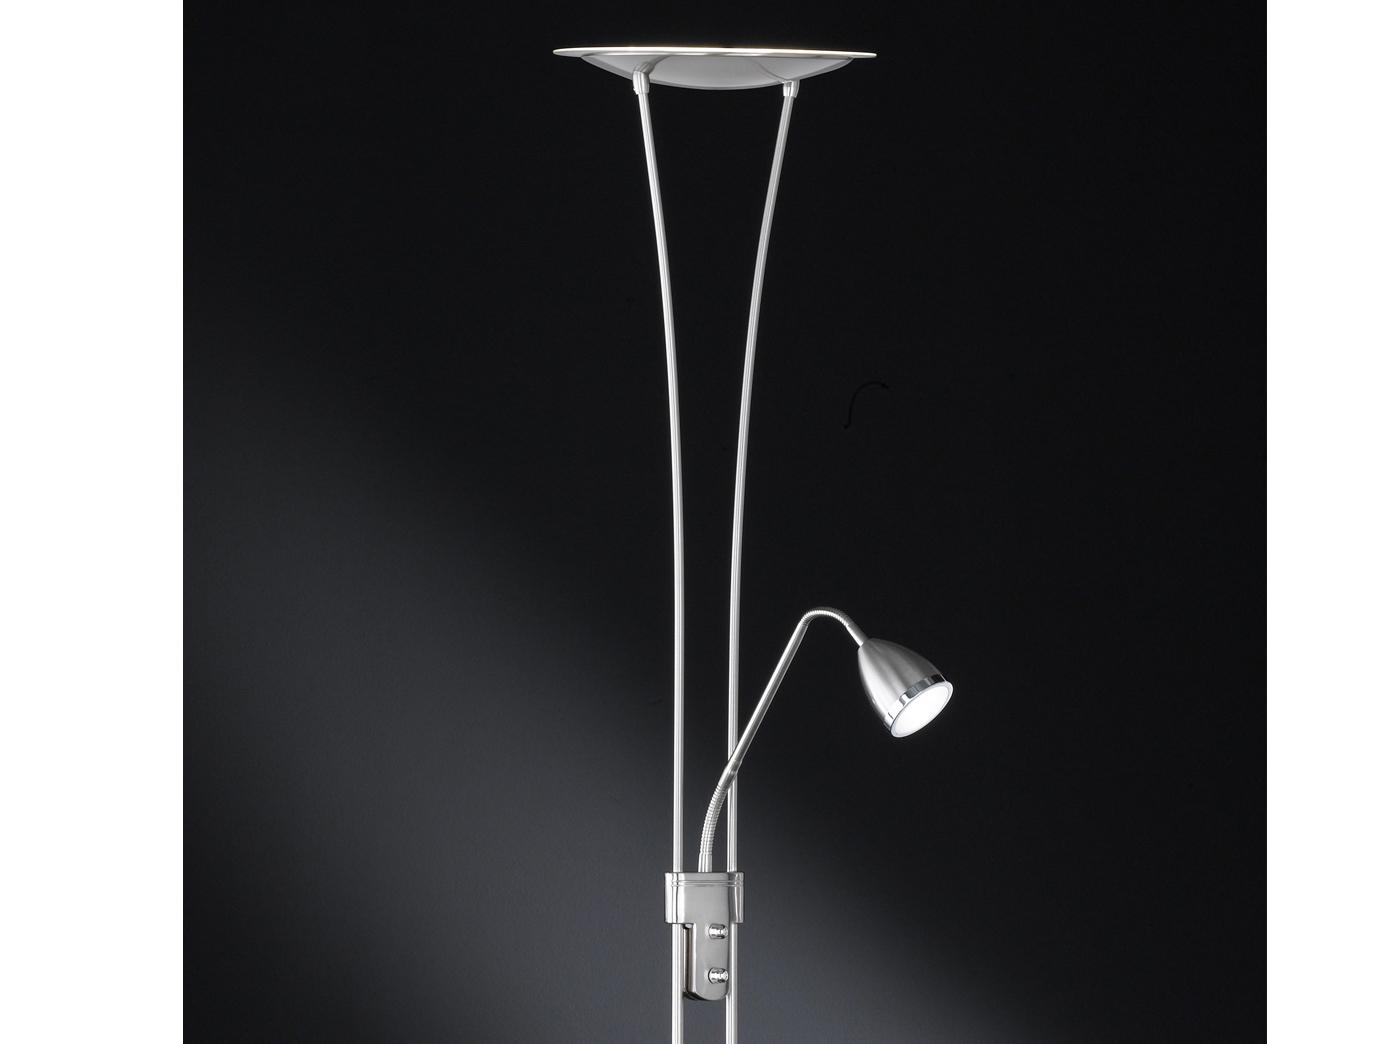 Led stehlampe atria leselicht flexibel deckenfluter stehleuchte